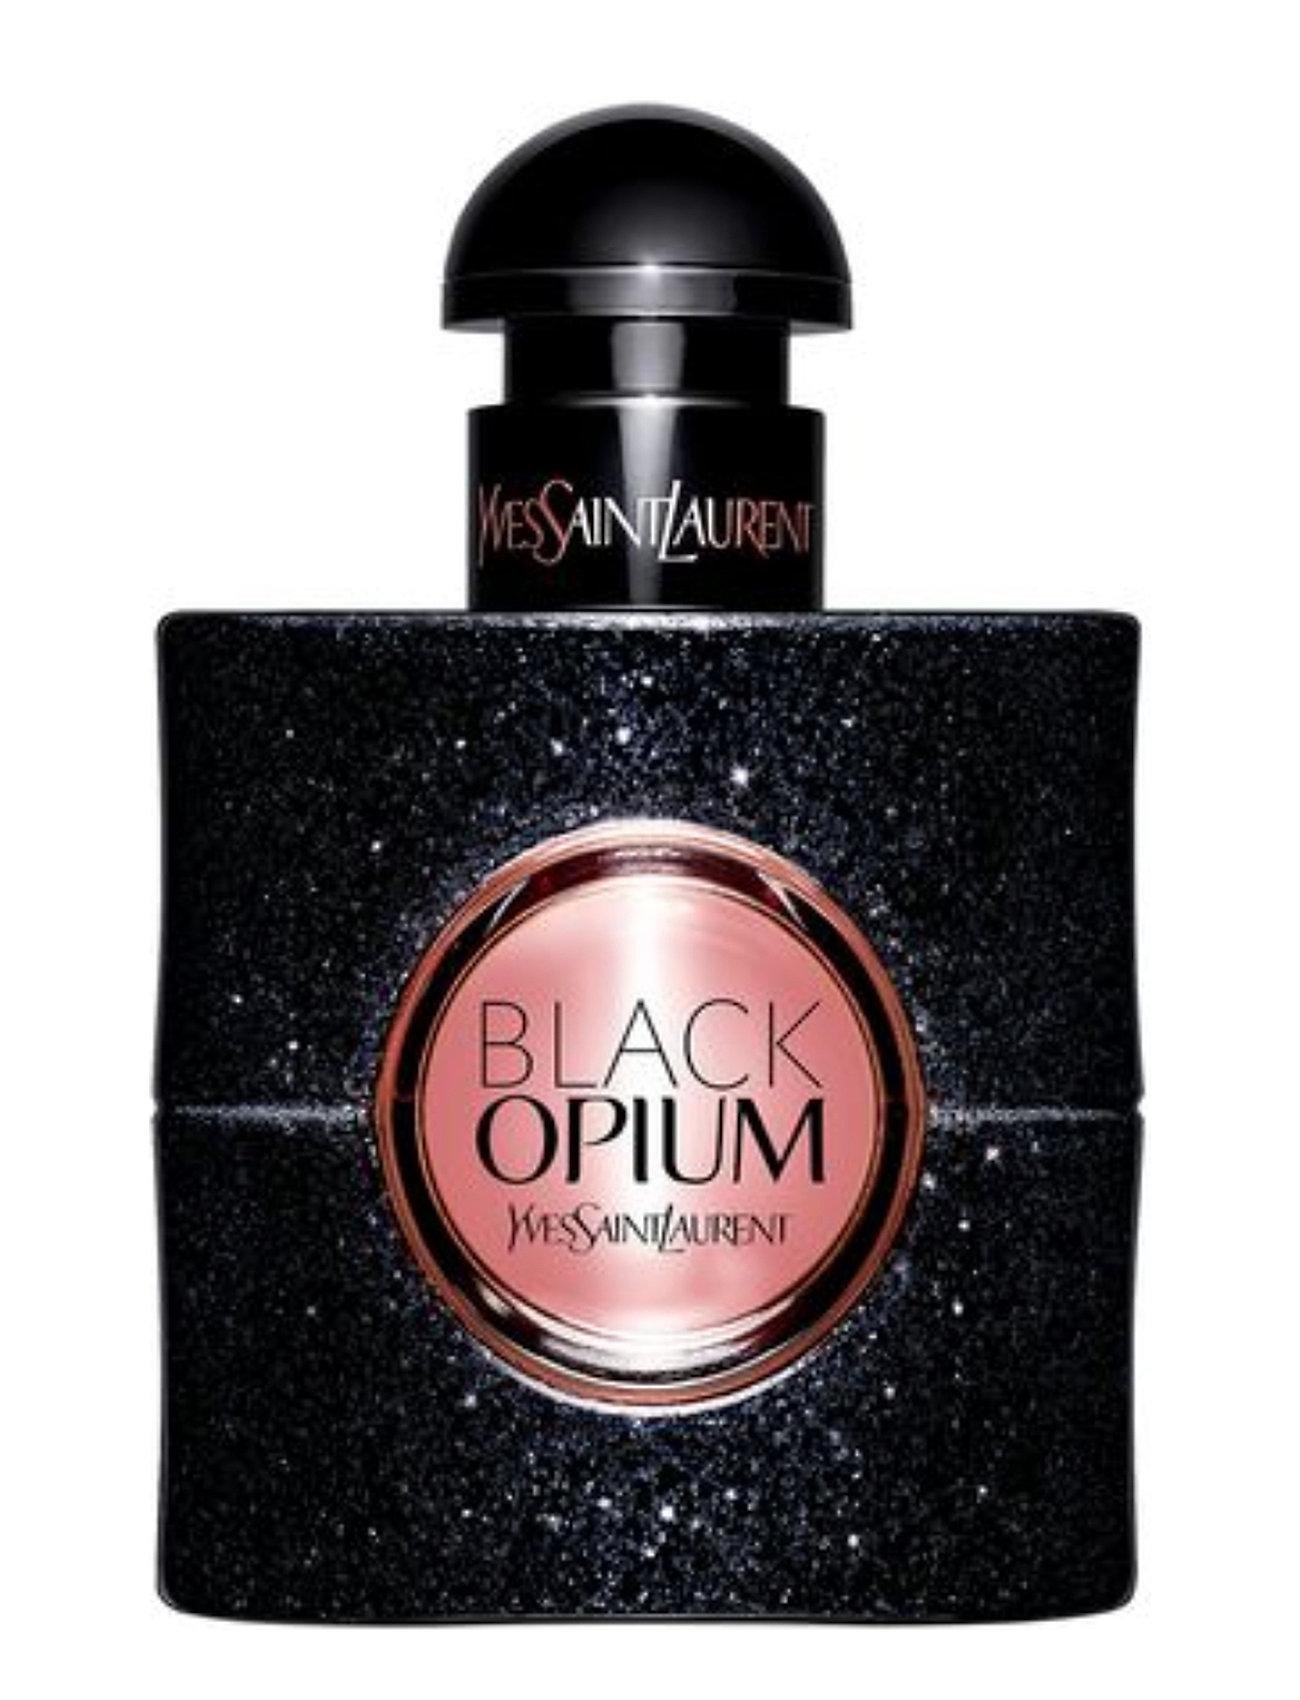 yves saint laurent Opium black eau de parfum 50 ml. fra boozt.com dk